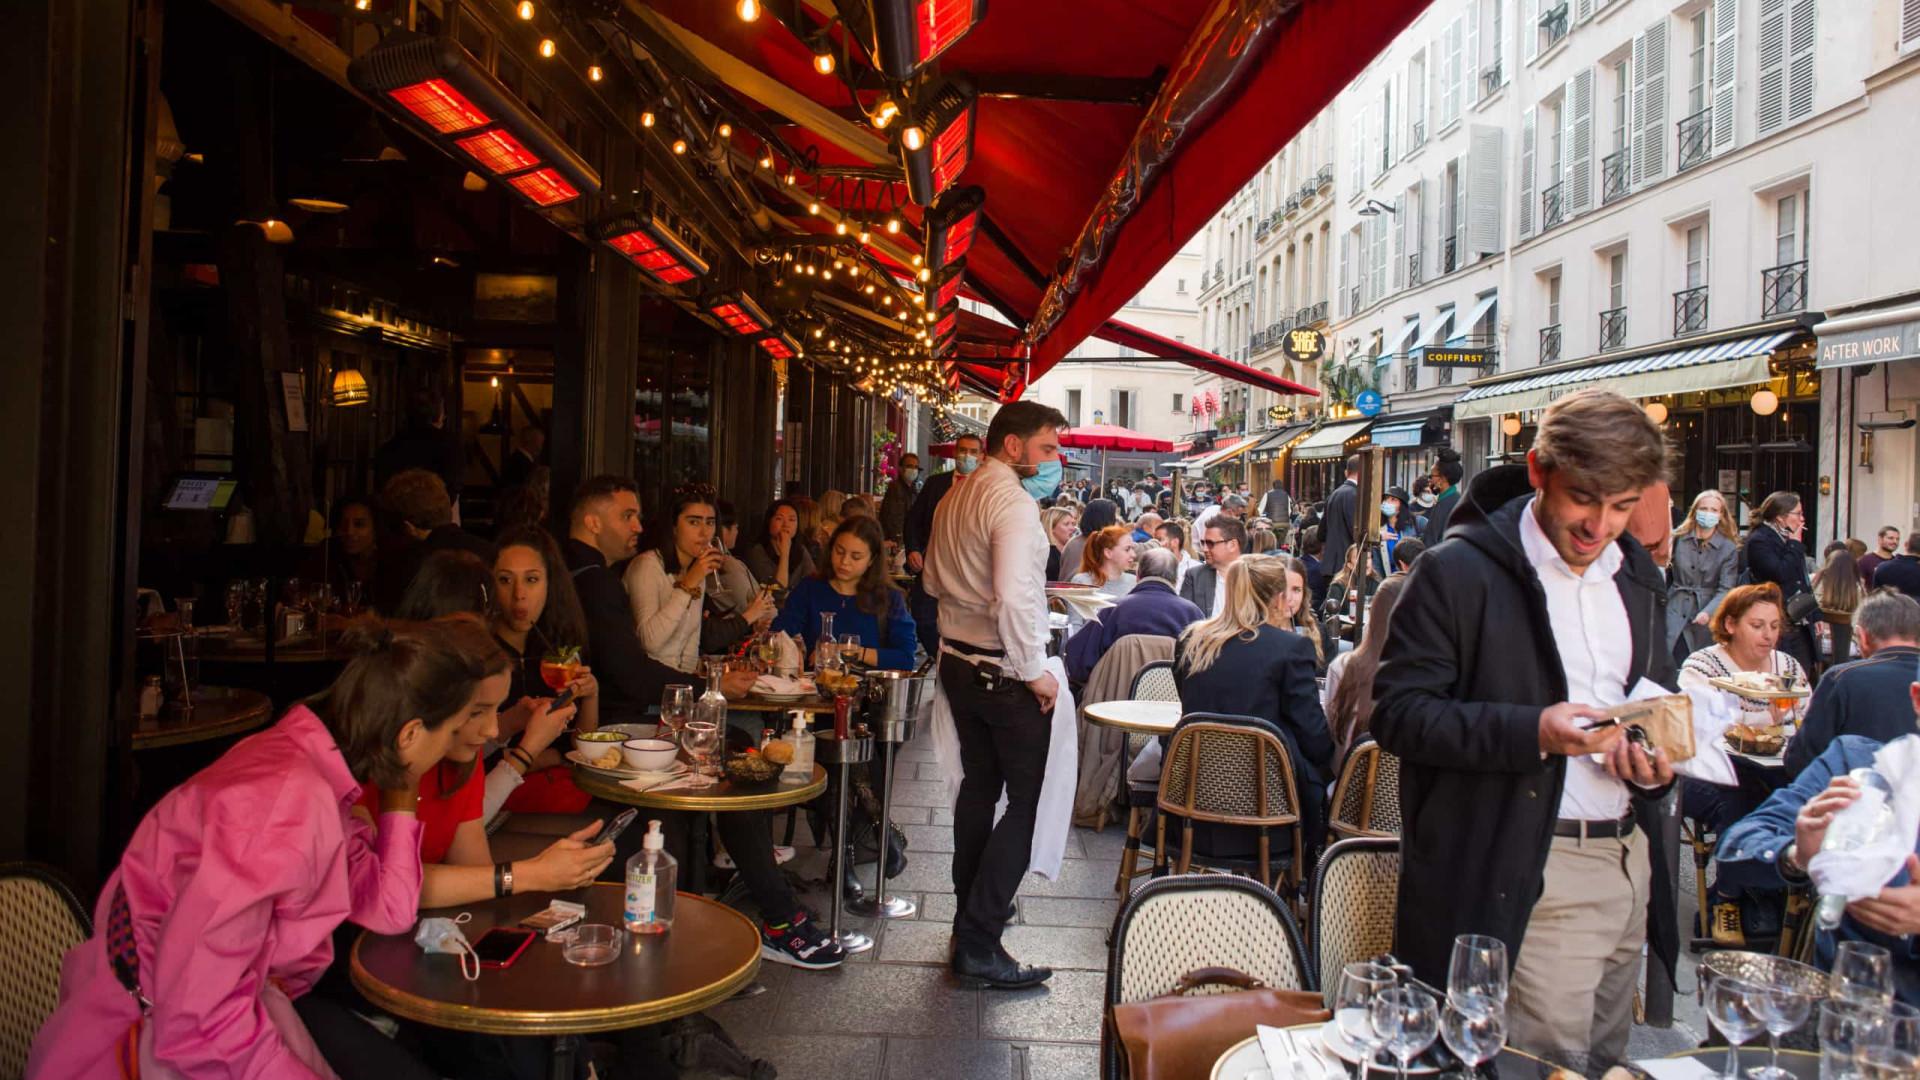 França reporta mais 3.058 casos e 45 óbitos nas últimas 24 horas